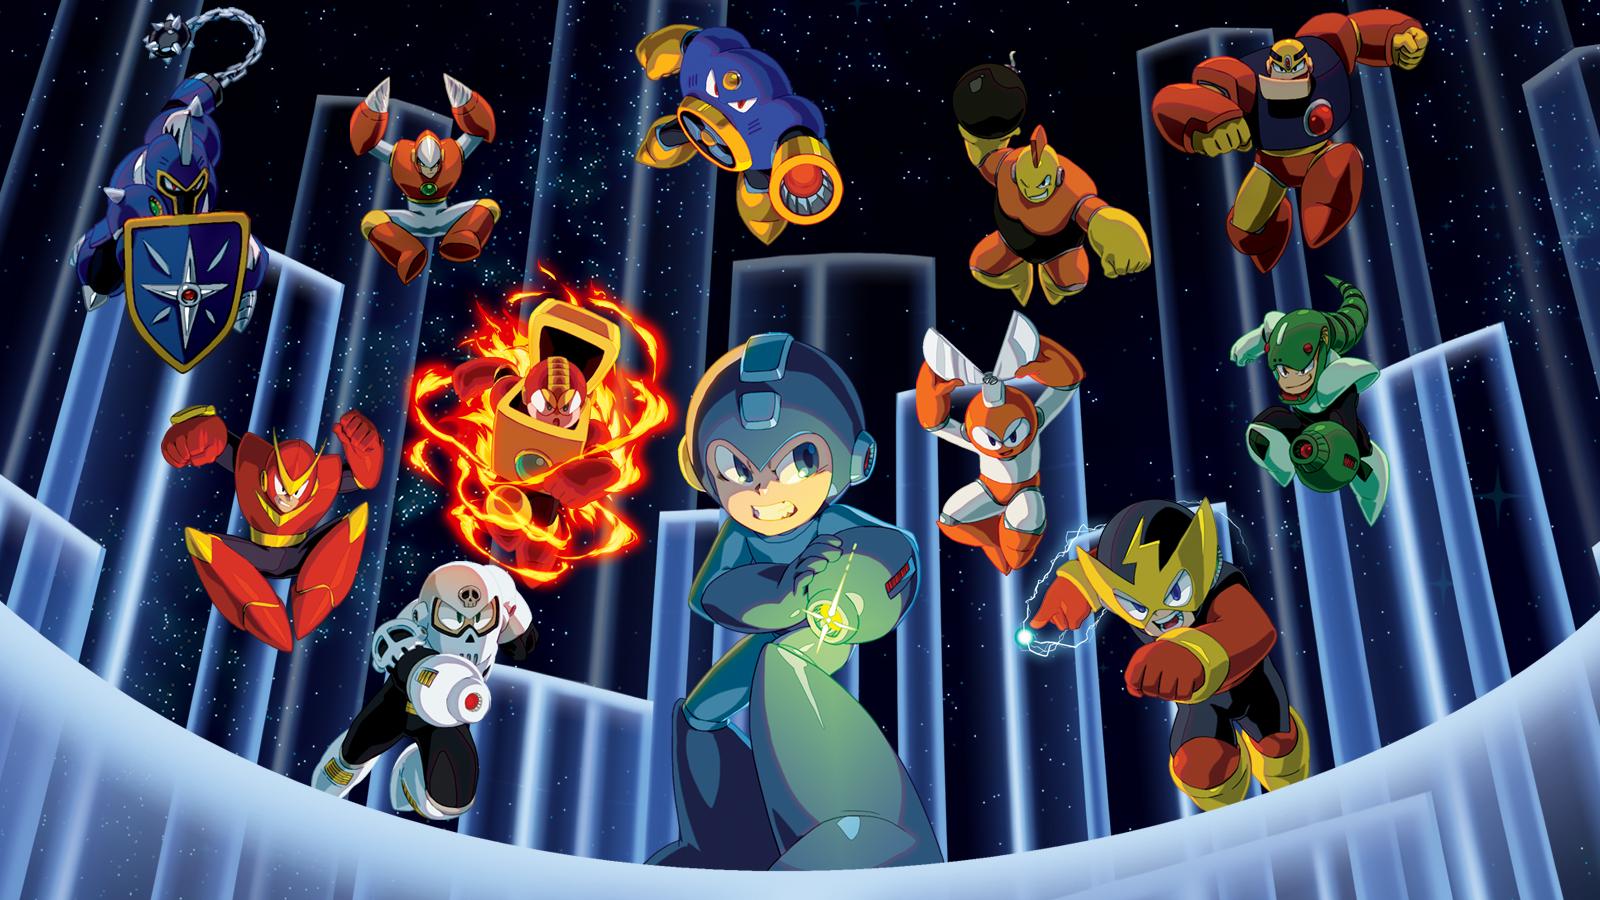 Mega Man Legacy Collection 1 & 2 serão lançados para o Switch no próximo ano, ambos os jogos terão suporte a amiibo